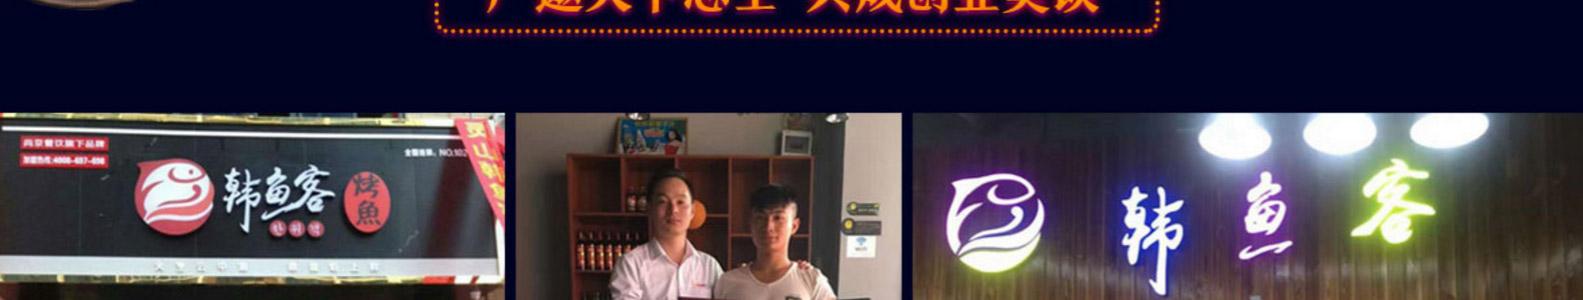 韓魚客烤魚韓魚客烤魚_39